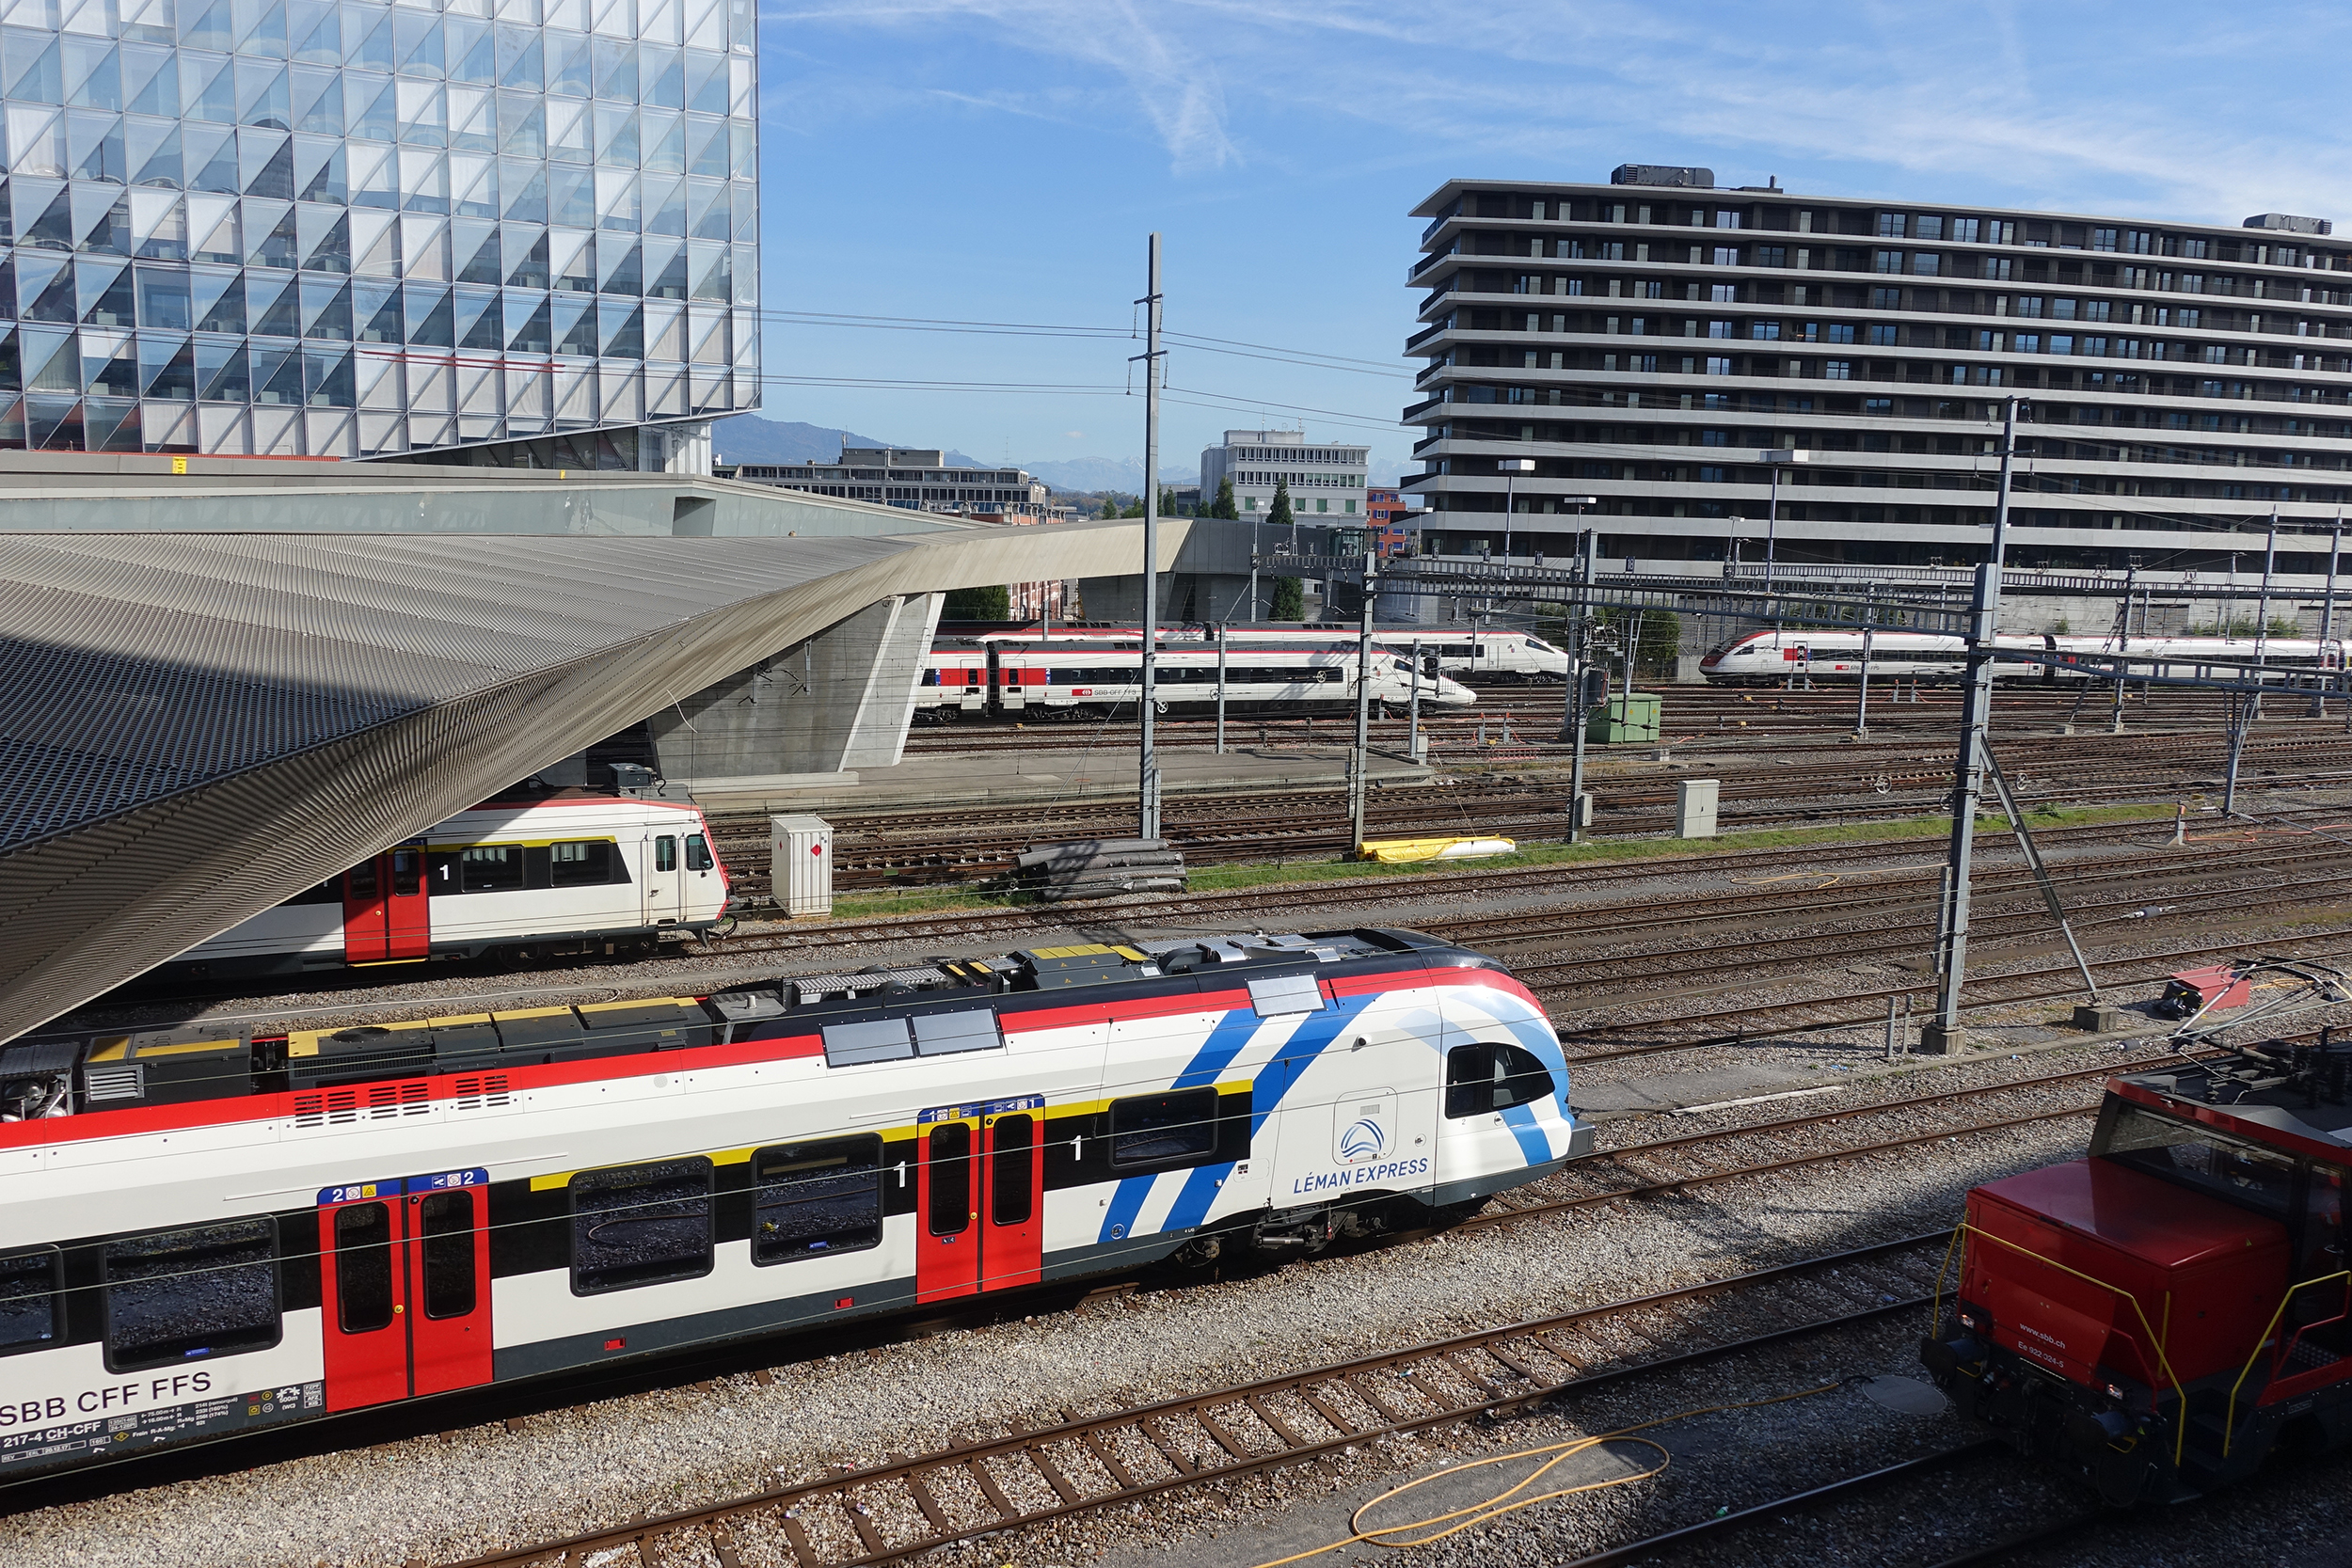 Séance publique Léman Express - Genève rive gauche